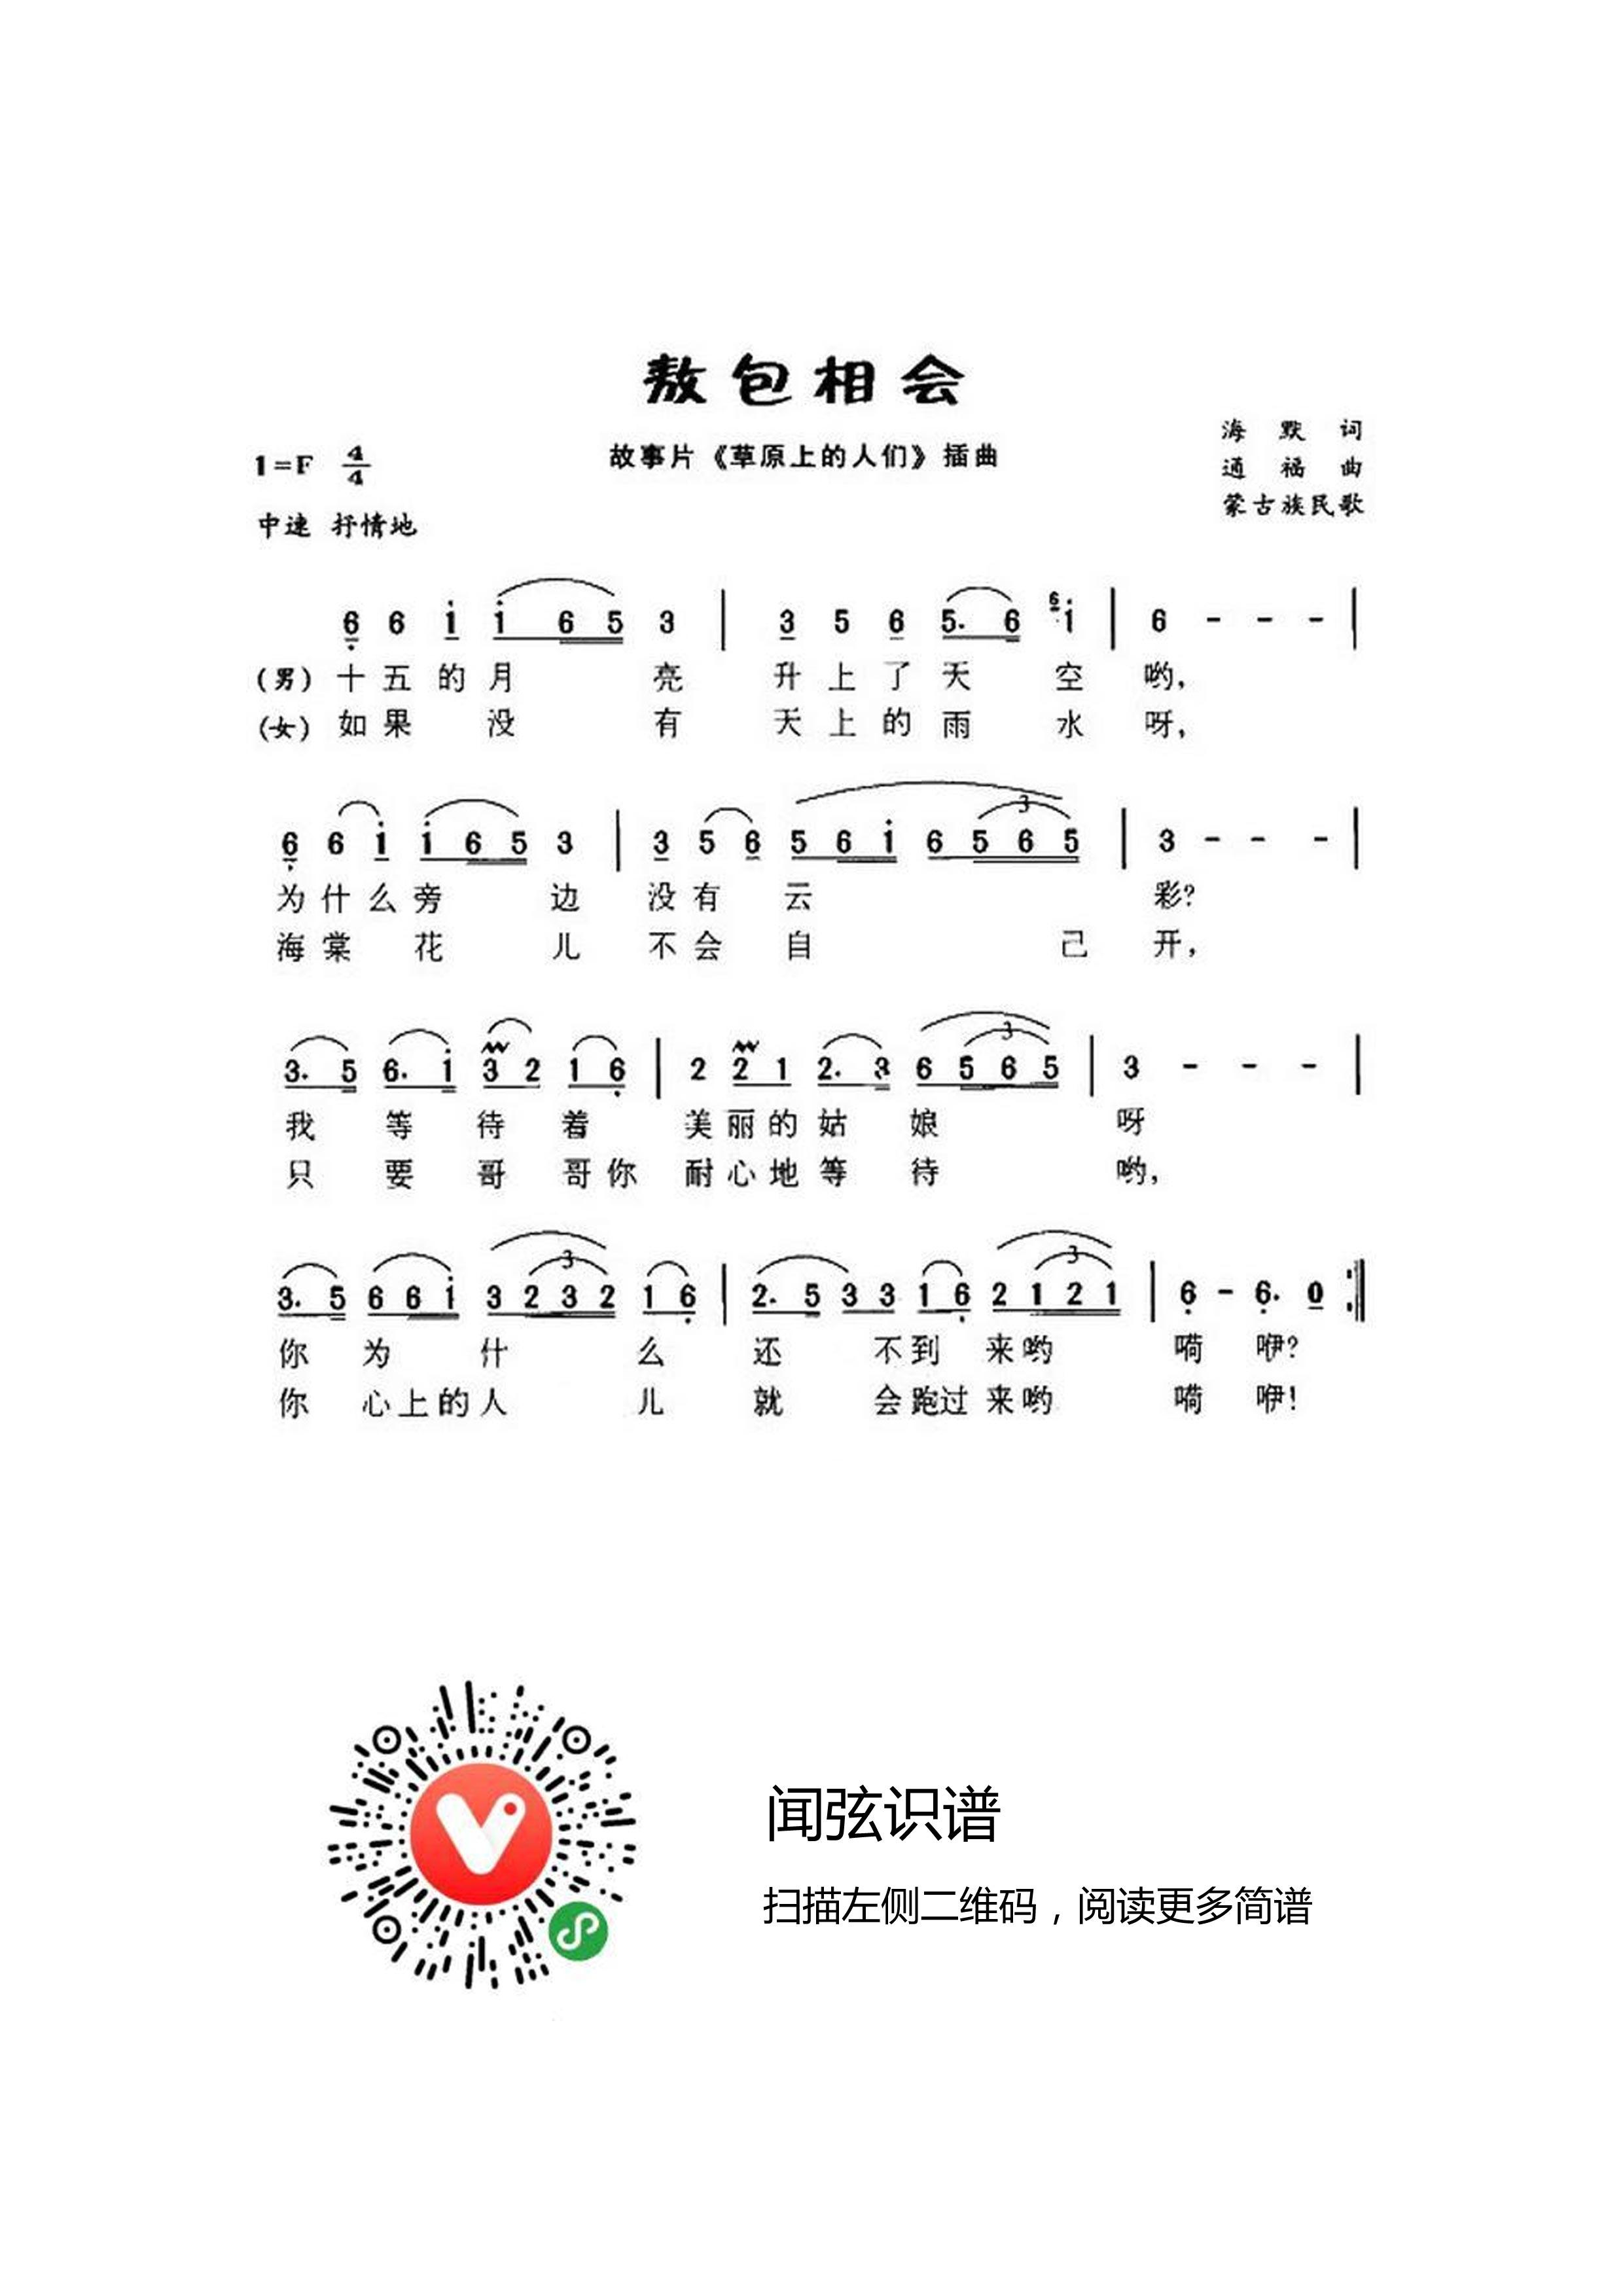 经典古老情歌《敖包相会》简谱欣赏